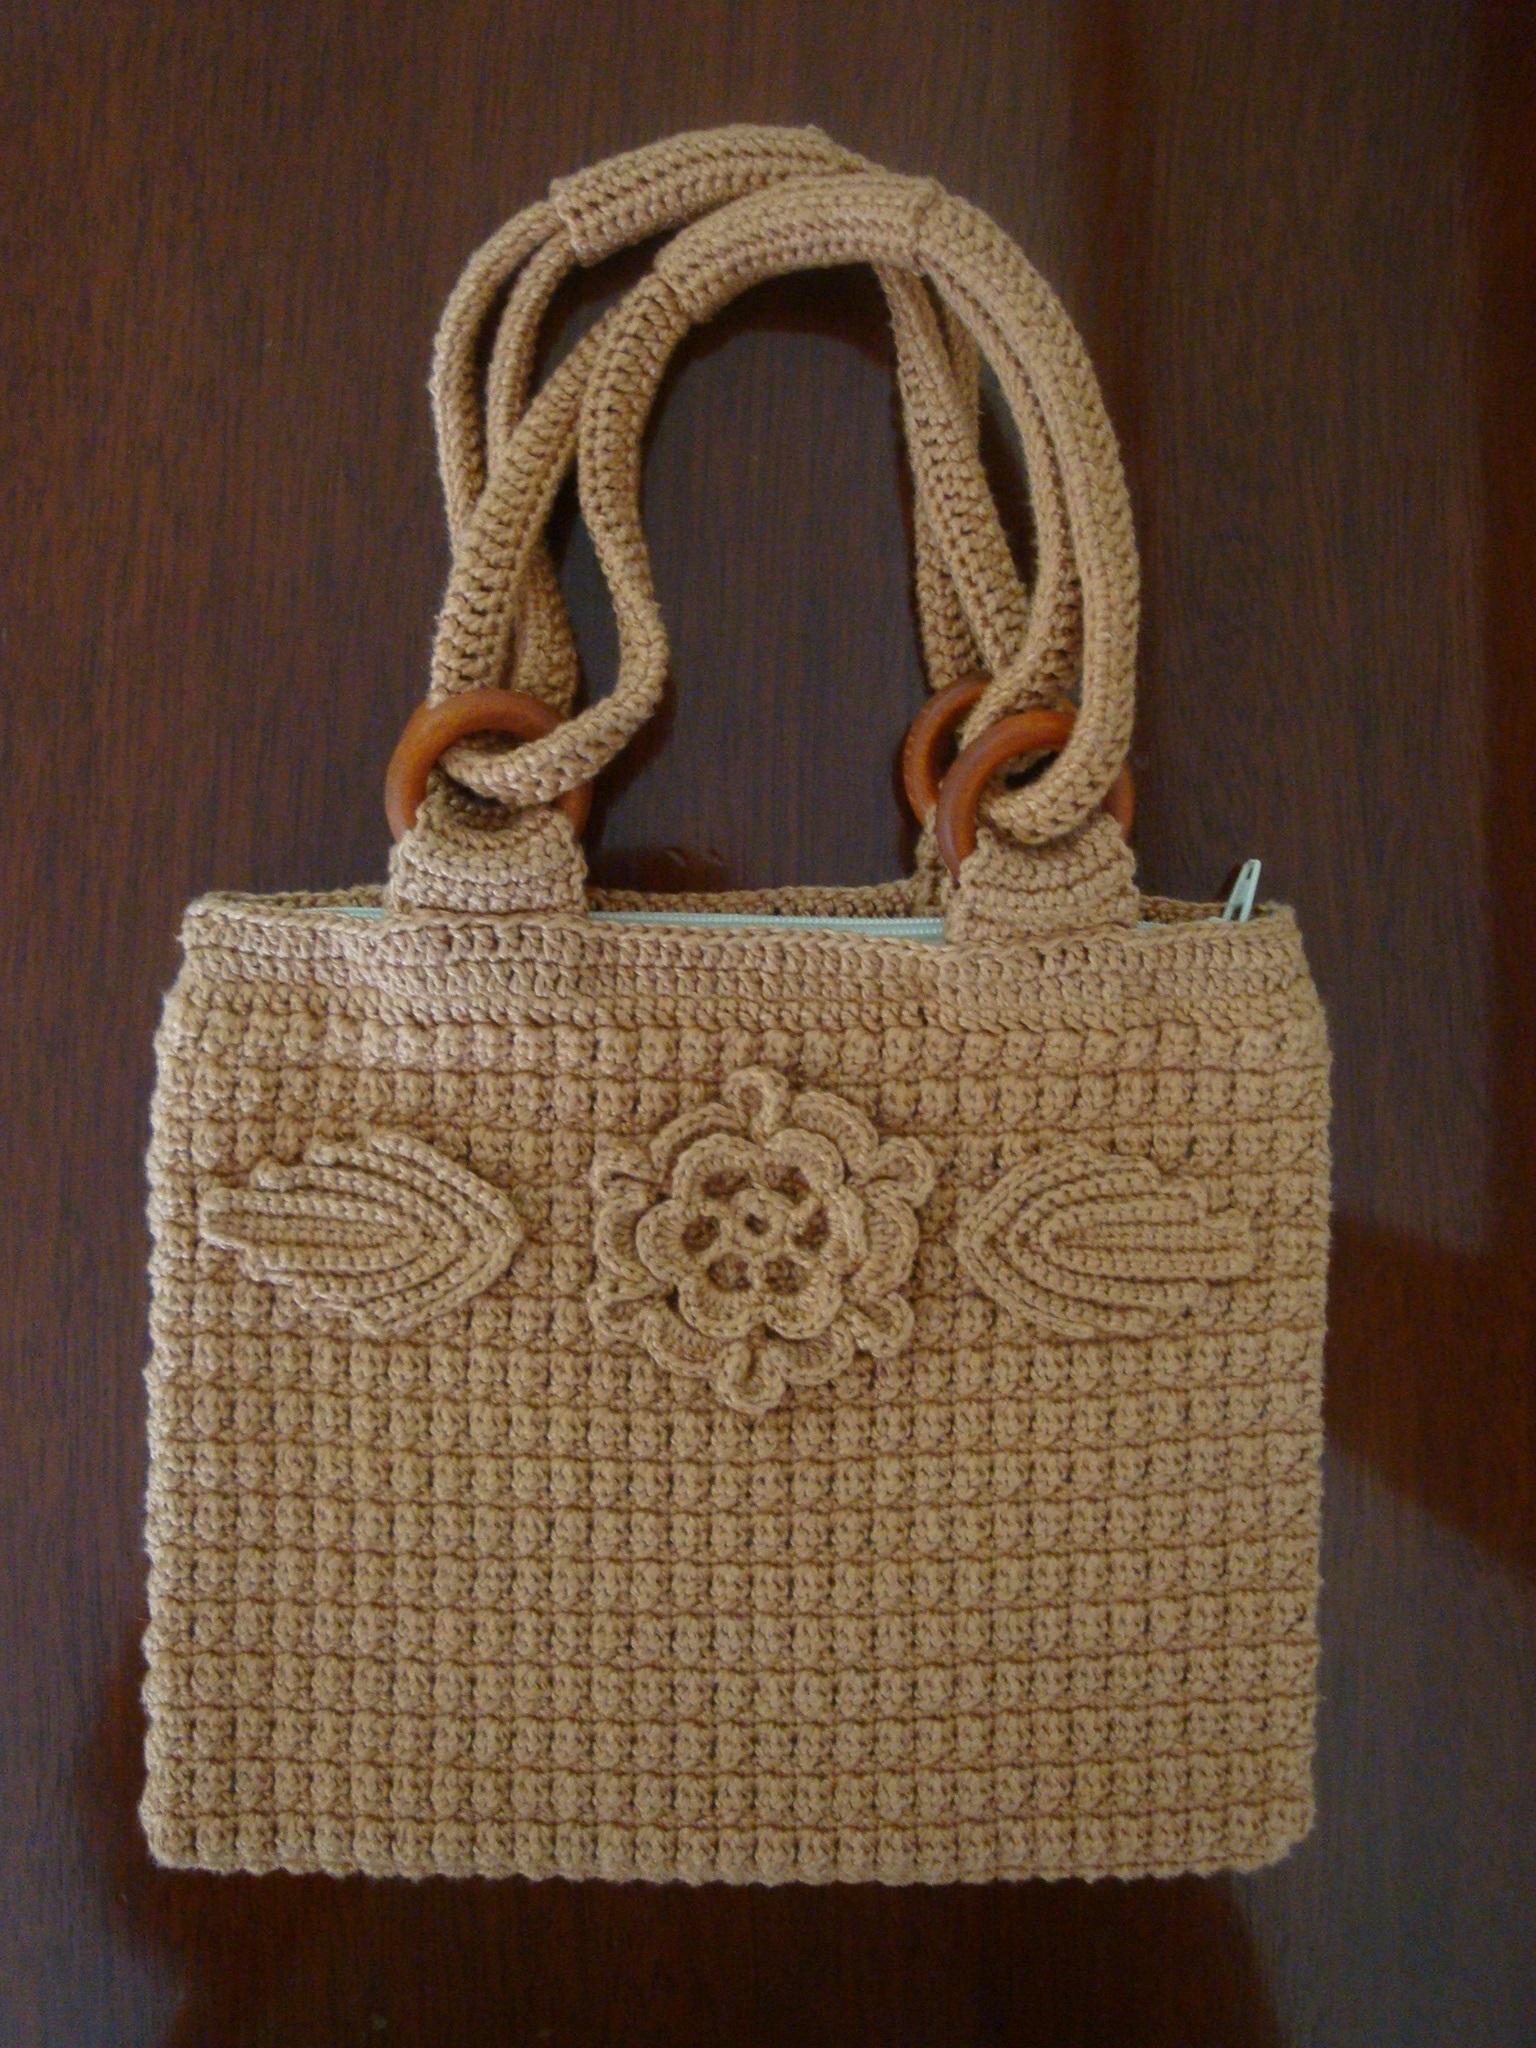 Bolsa De Mão Feita De Croche : Bolsa de m?o em croch? artesane artesanato elo